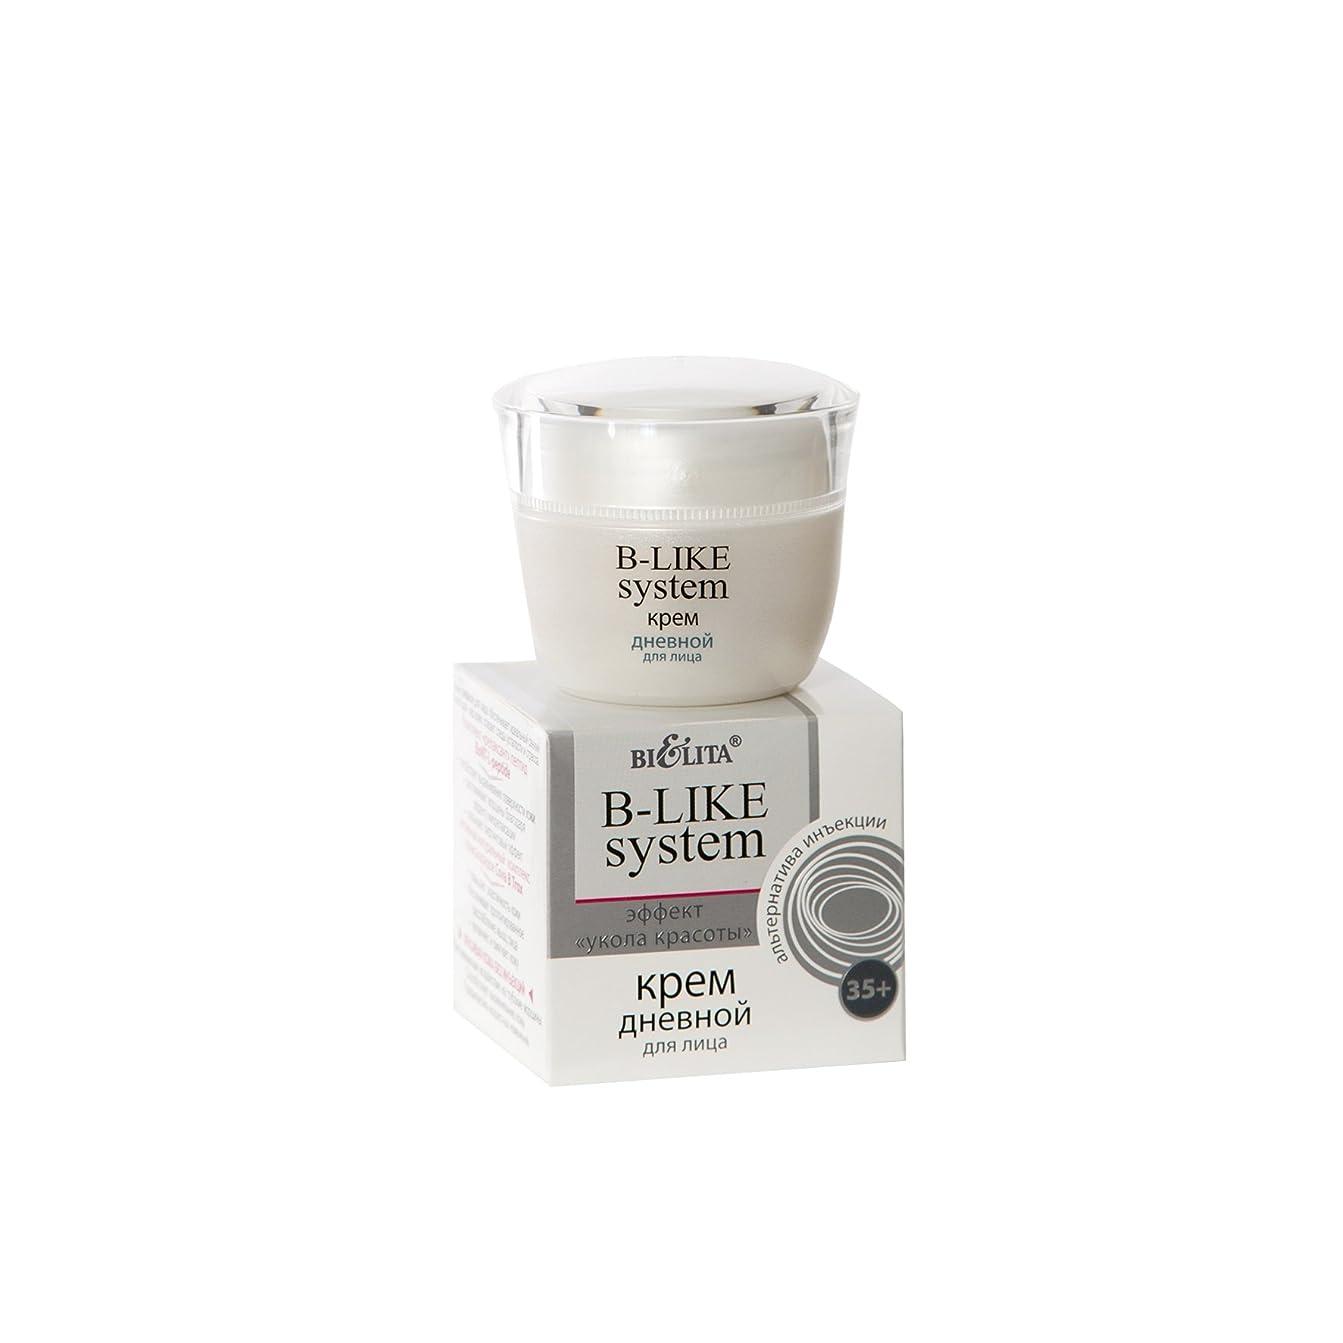 できた世紀道徳教育Bielita & Vitex Botox-Like System | Anti-Wrinkle Correcting Facial Day Cream Moisturizer, 50 ml | Active Peptides and Vitamins Formula